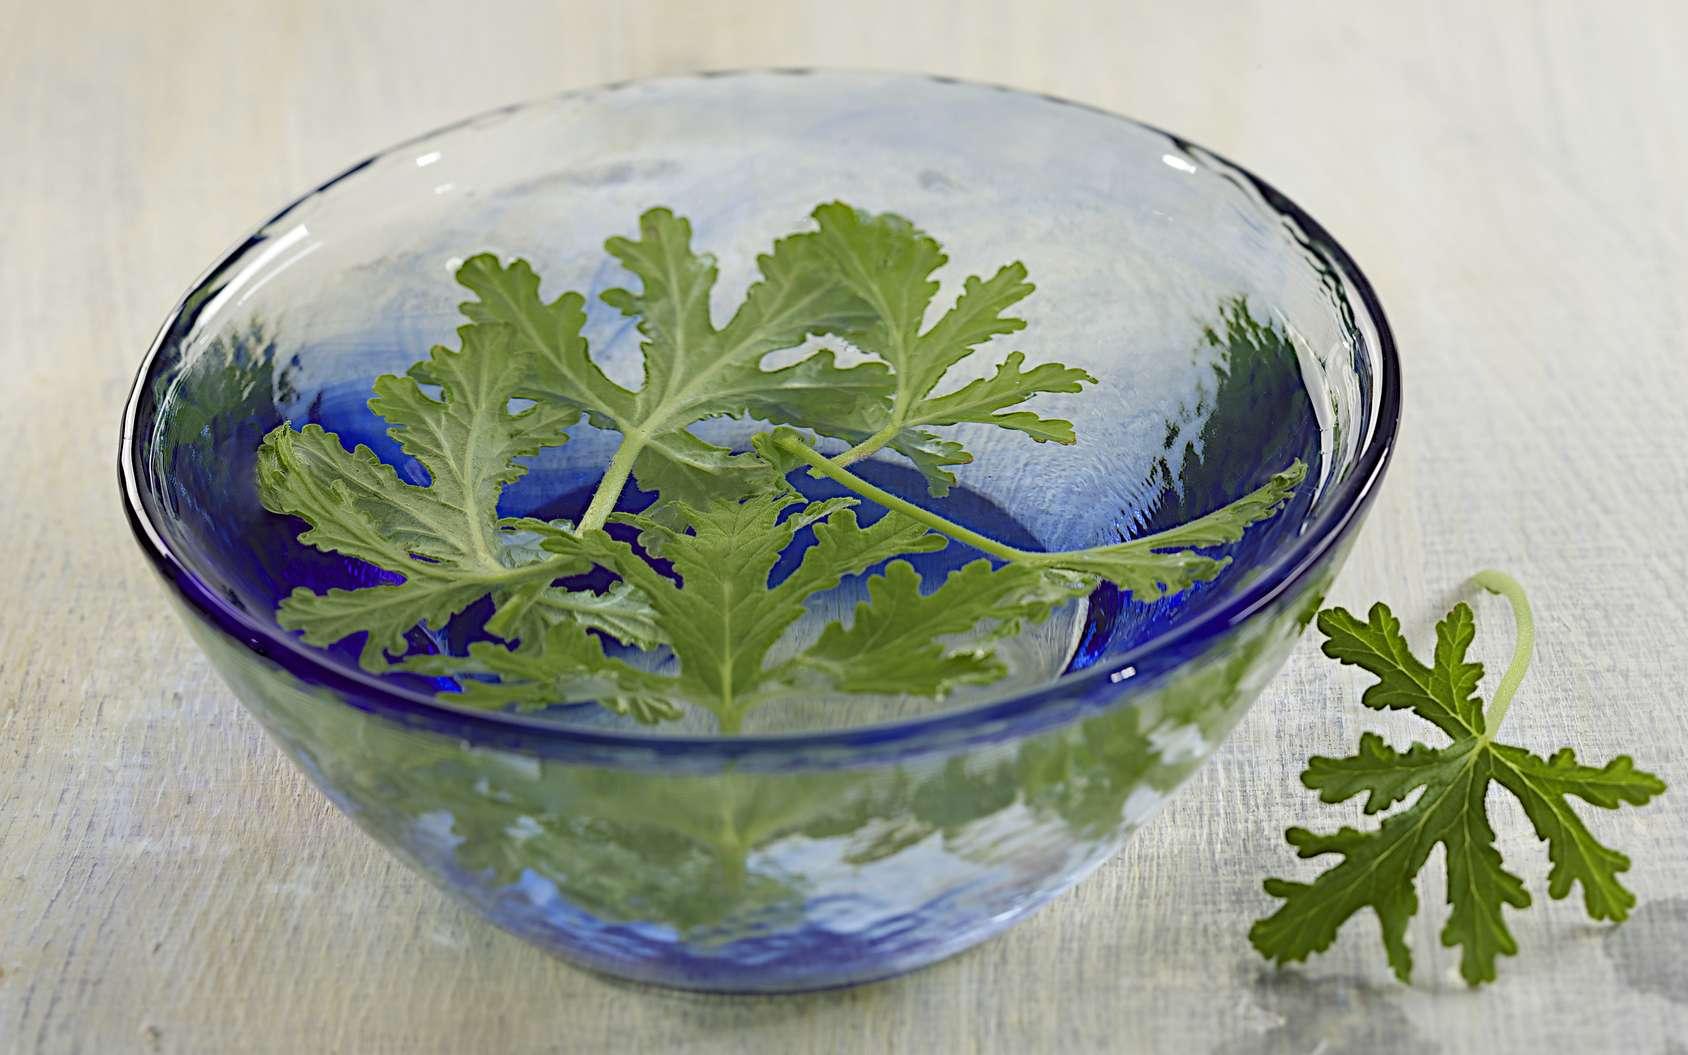 Les feuilles fraîches de géranium américain, soigneusement nettoyées, puis hachées forment un remède médicinal contre les brûlures et les hémorragies externes. © JPC-Prod, Fotolia